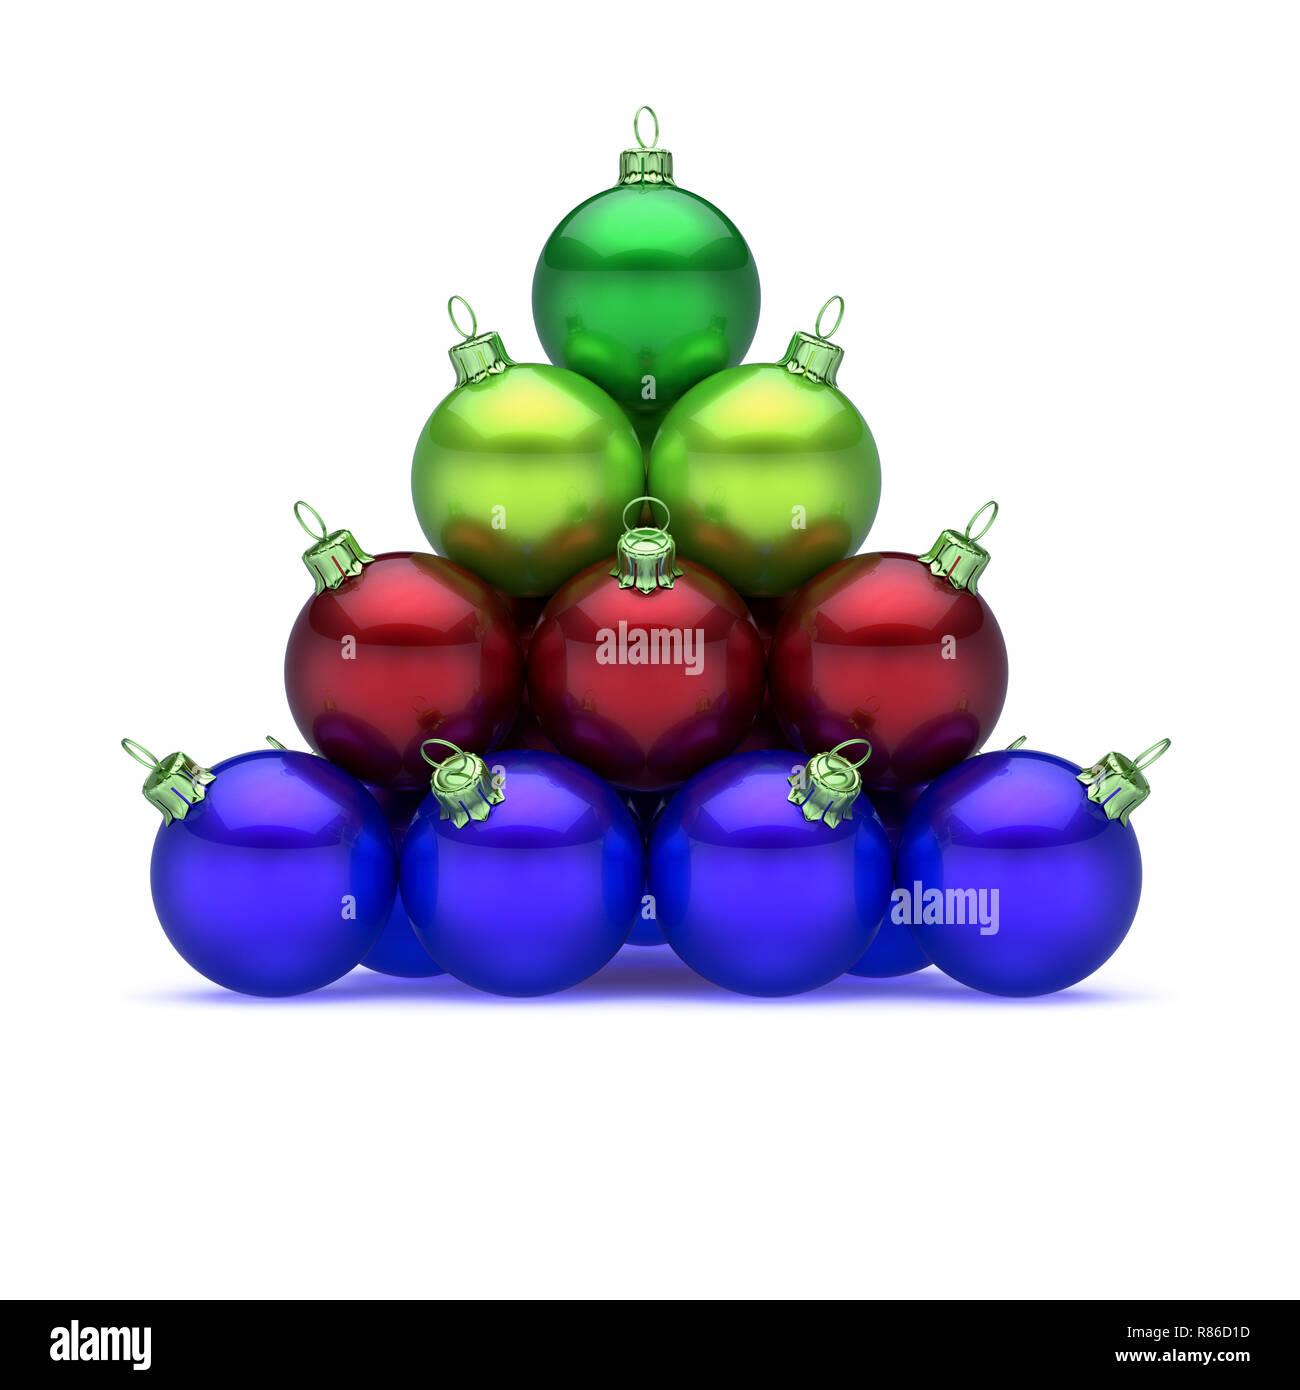 af44e6c6e35 Merry Xmas Navidad pirámide de bolas dispuestas colorido rojo verde azul.  Feliz Día de Año